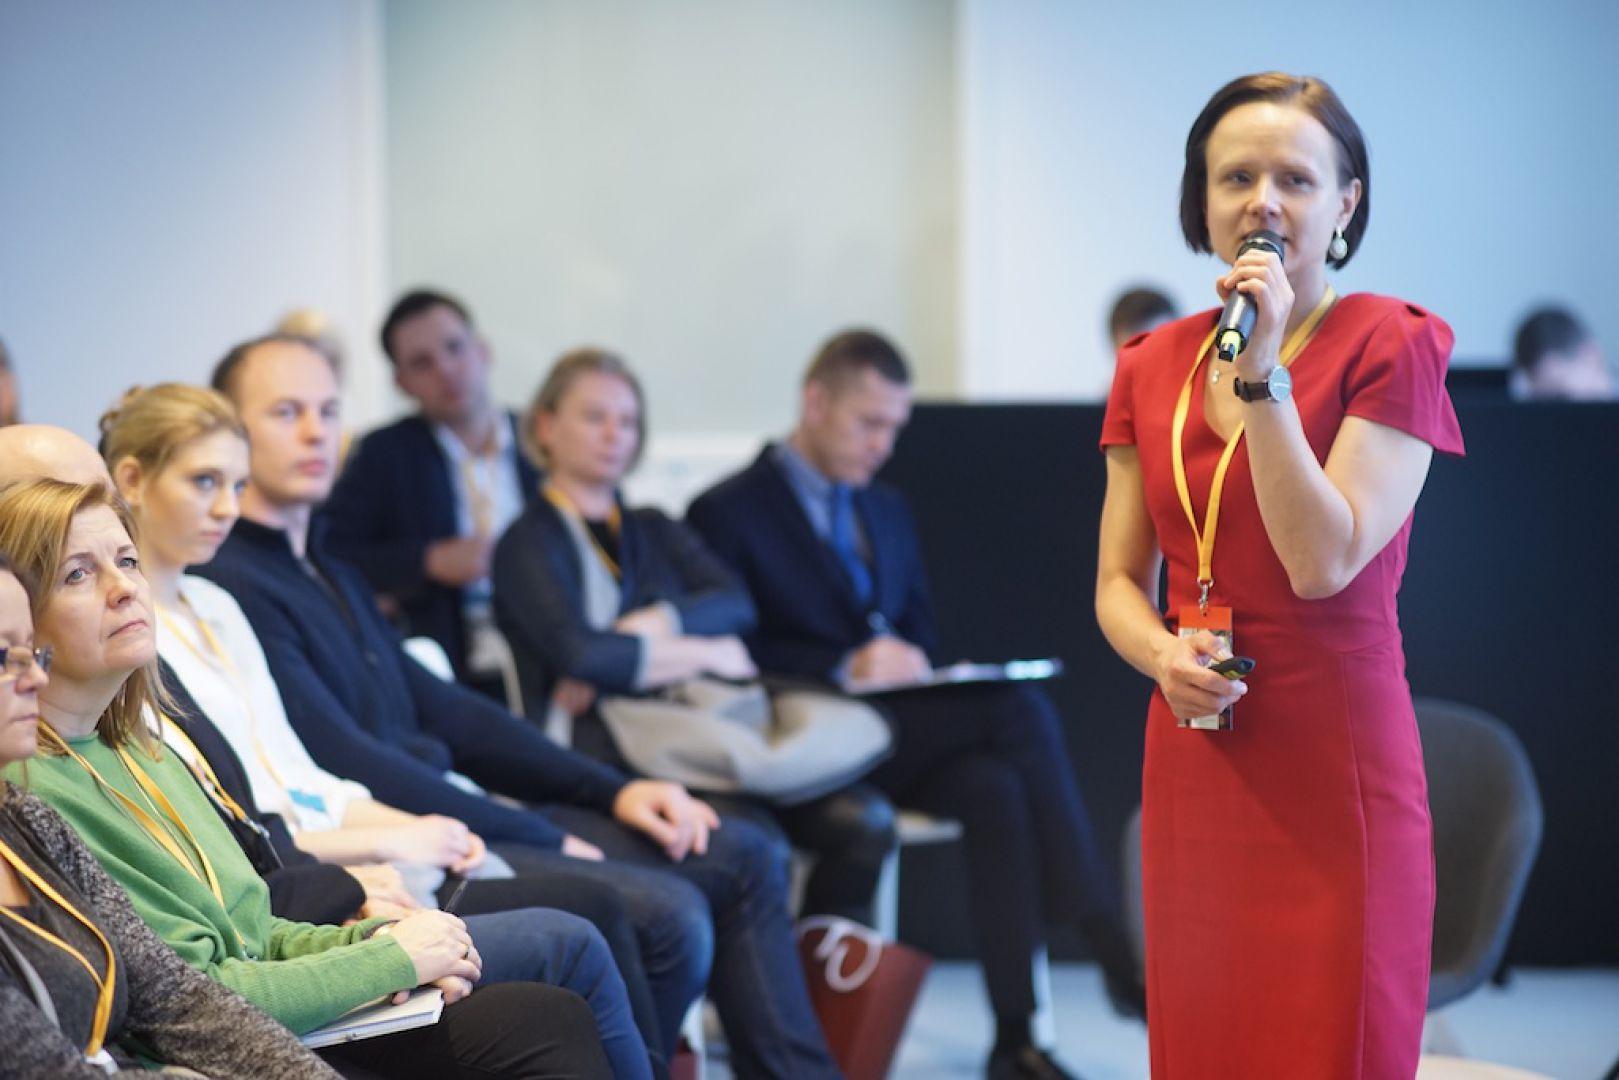 Forum Dobrego Designu: czy prawo chroni pomysły architektów? Fot. Tomasz Wawer.